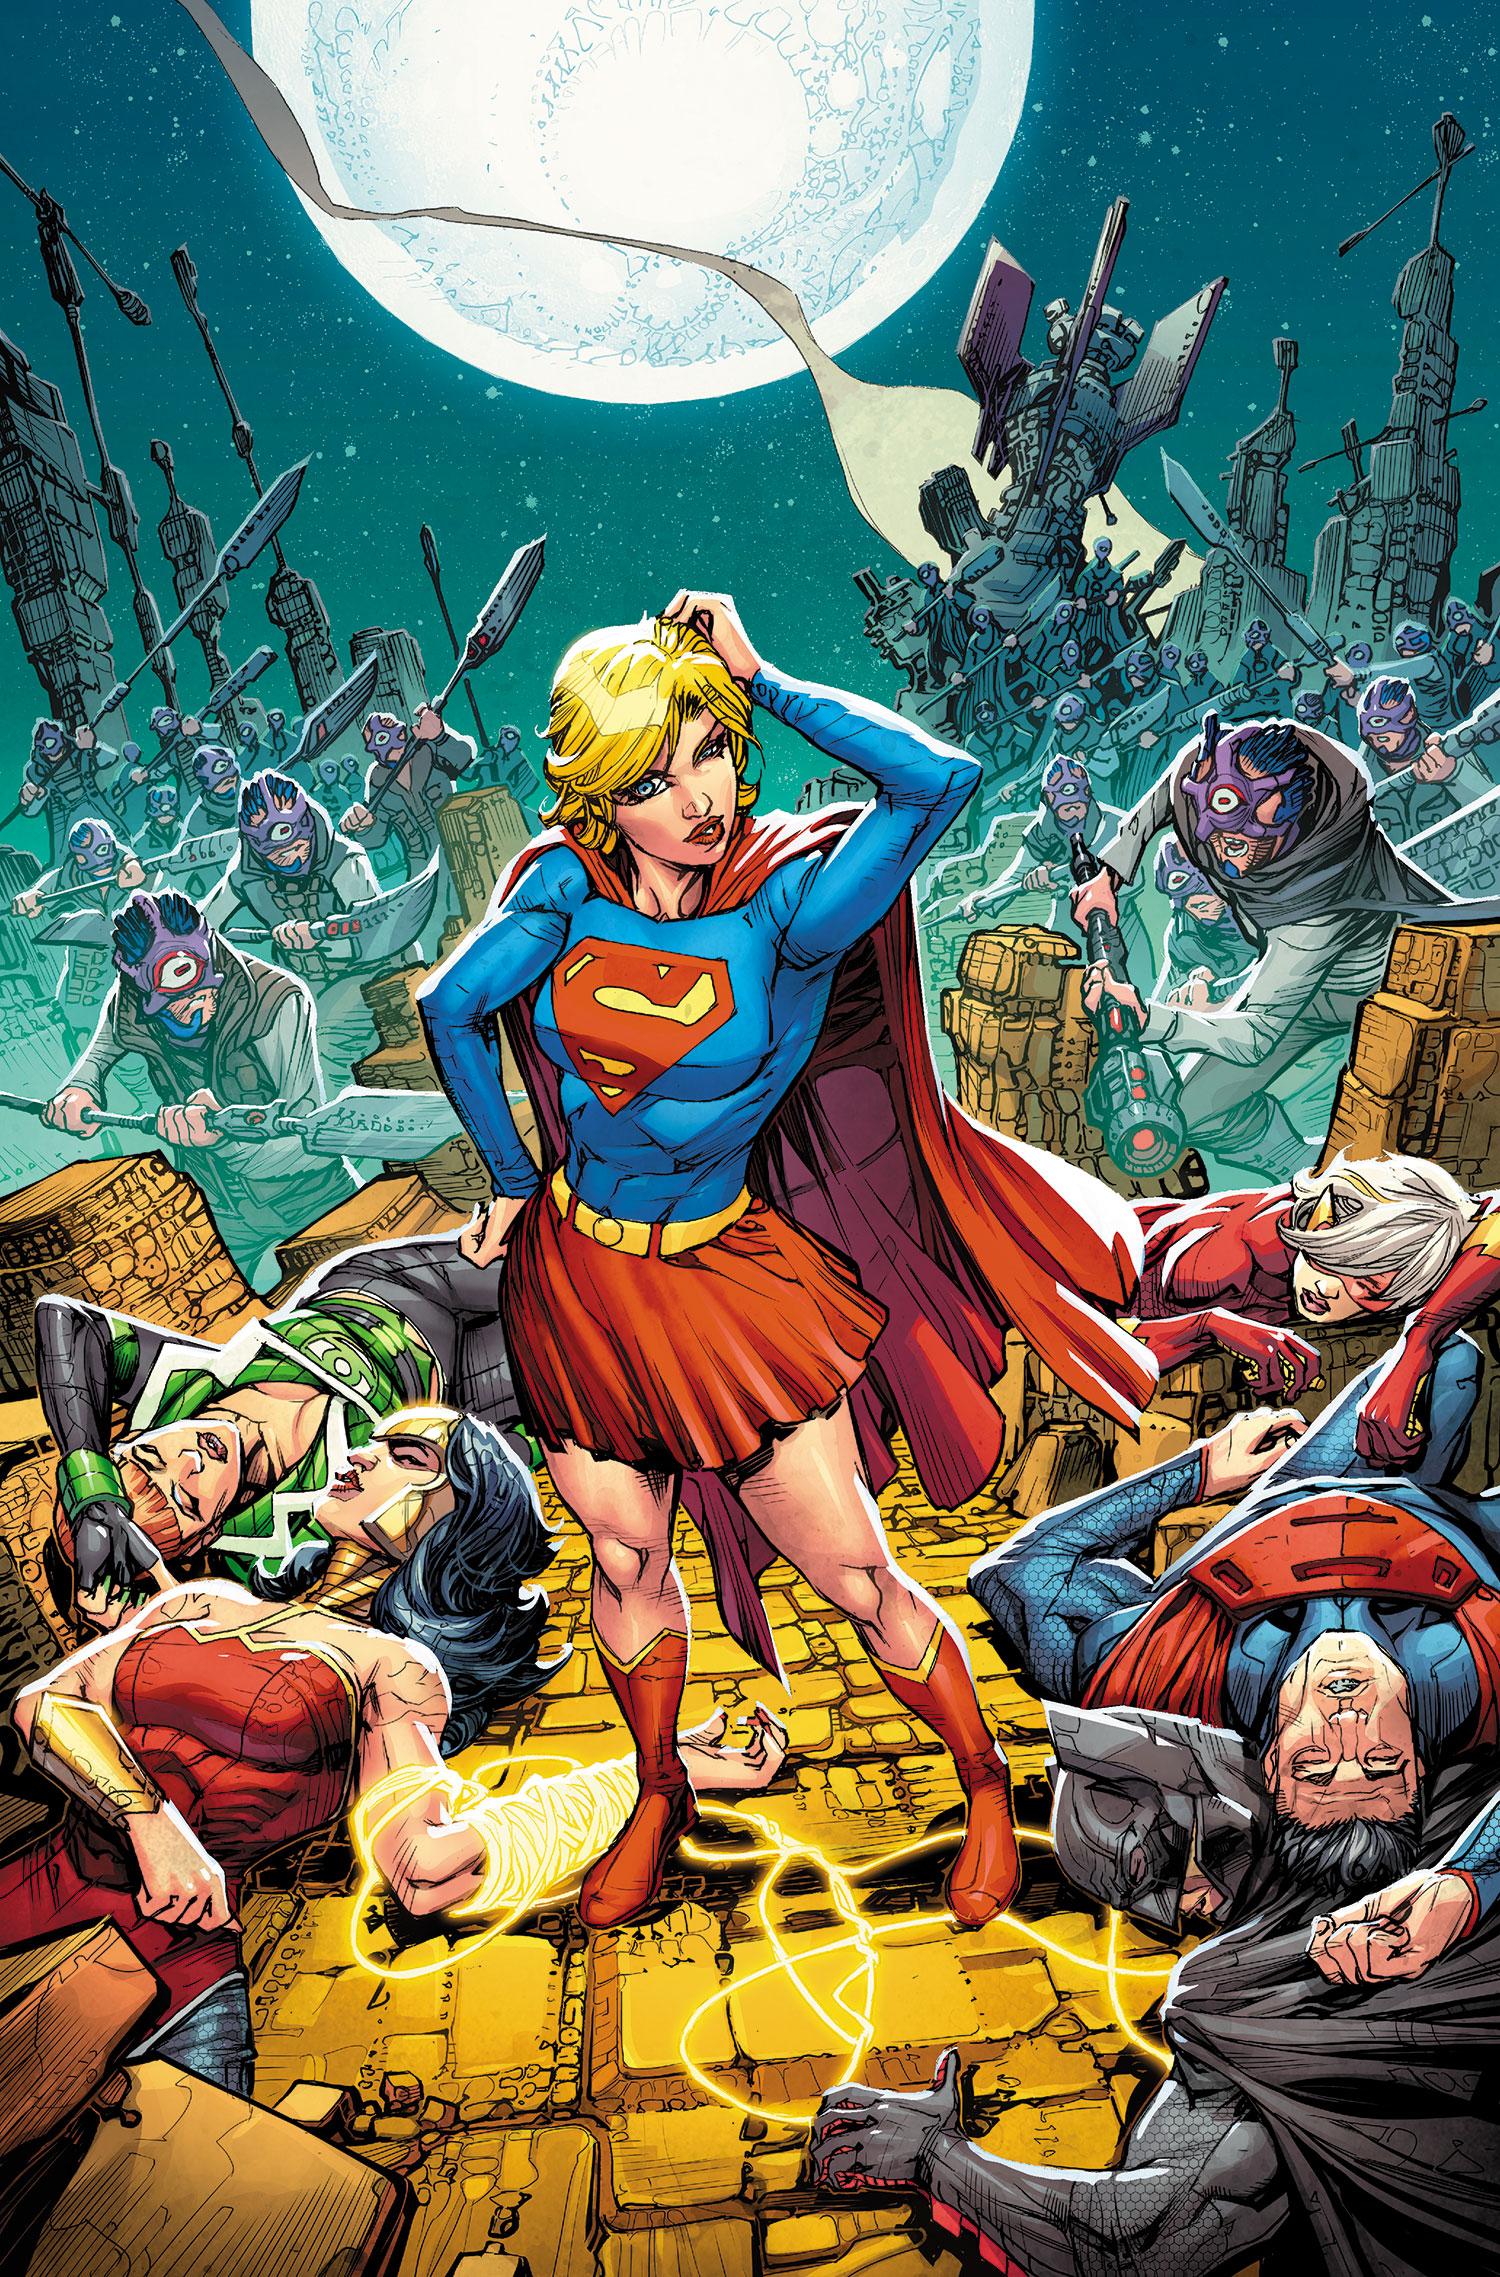 Kara Zor-El (Justice League 3000)